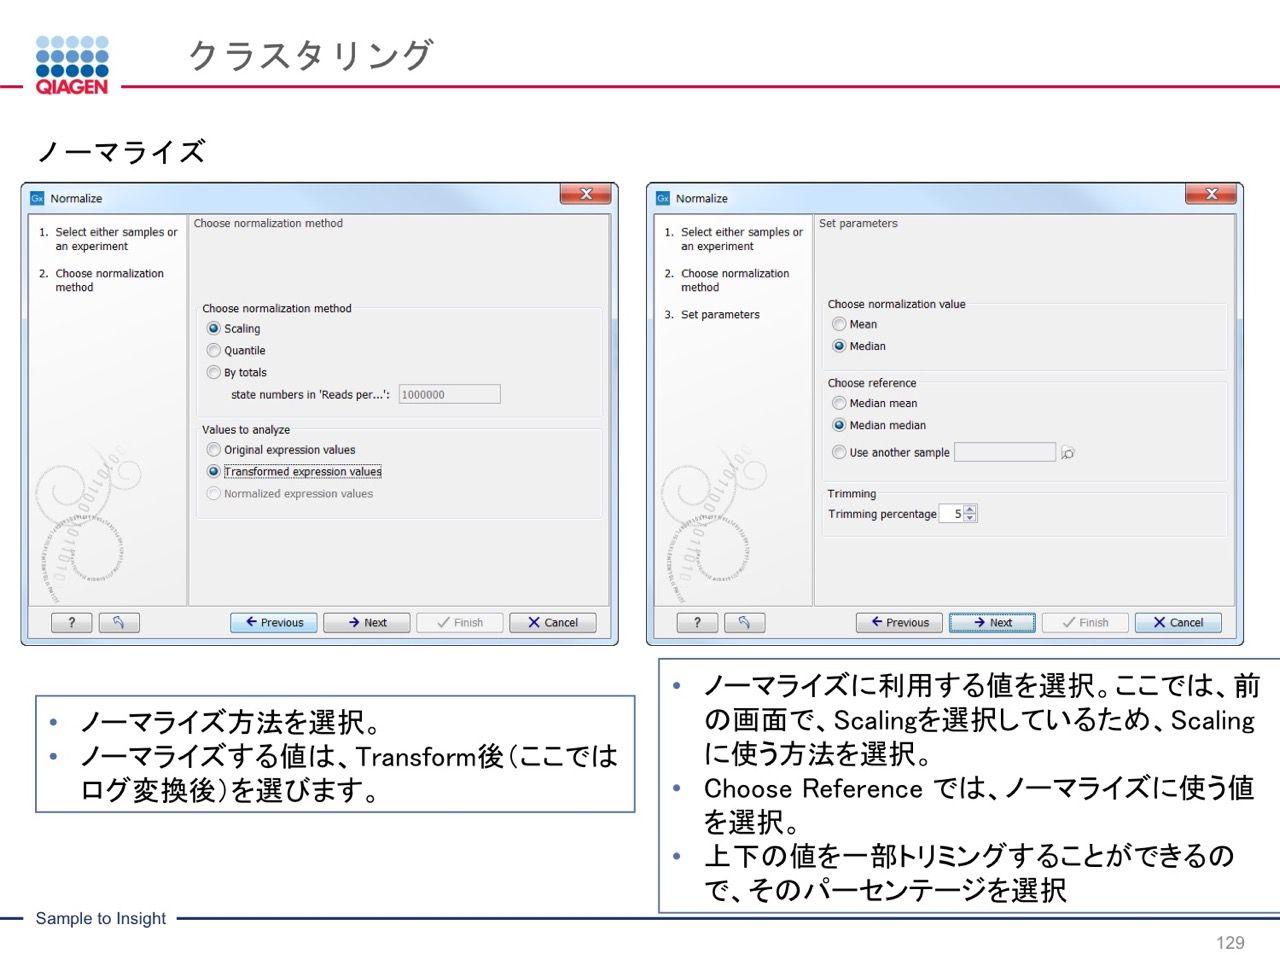 images/AJACSa2_miyamoto_129.jpg